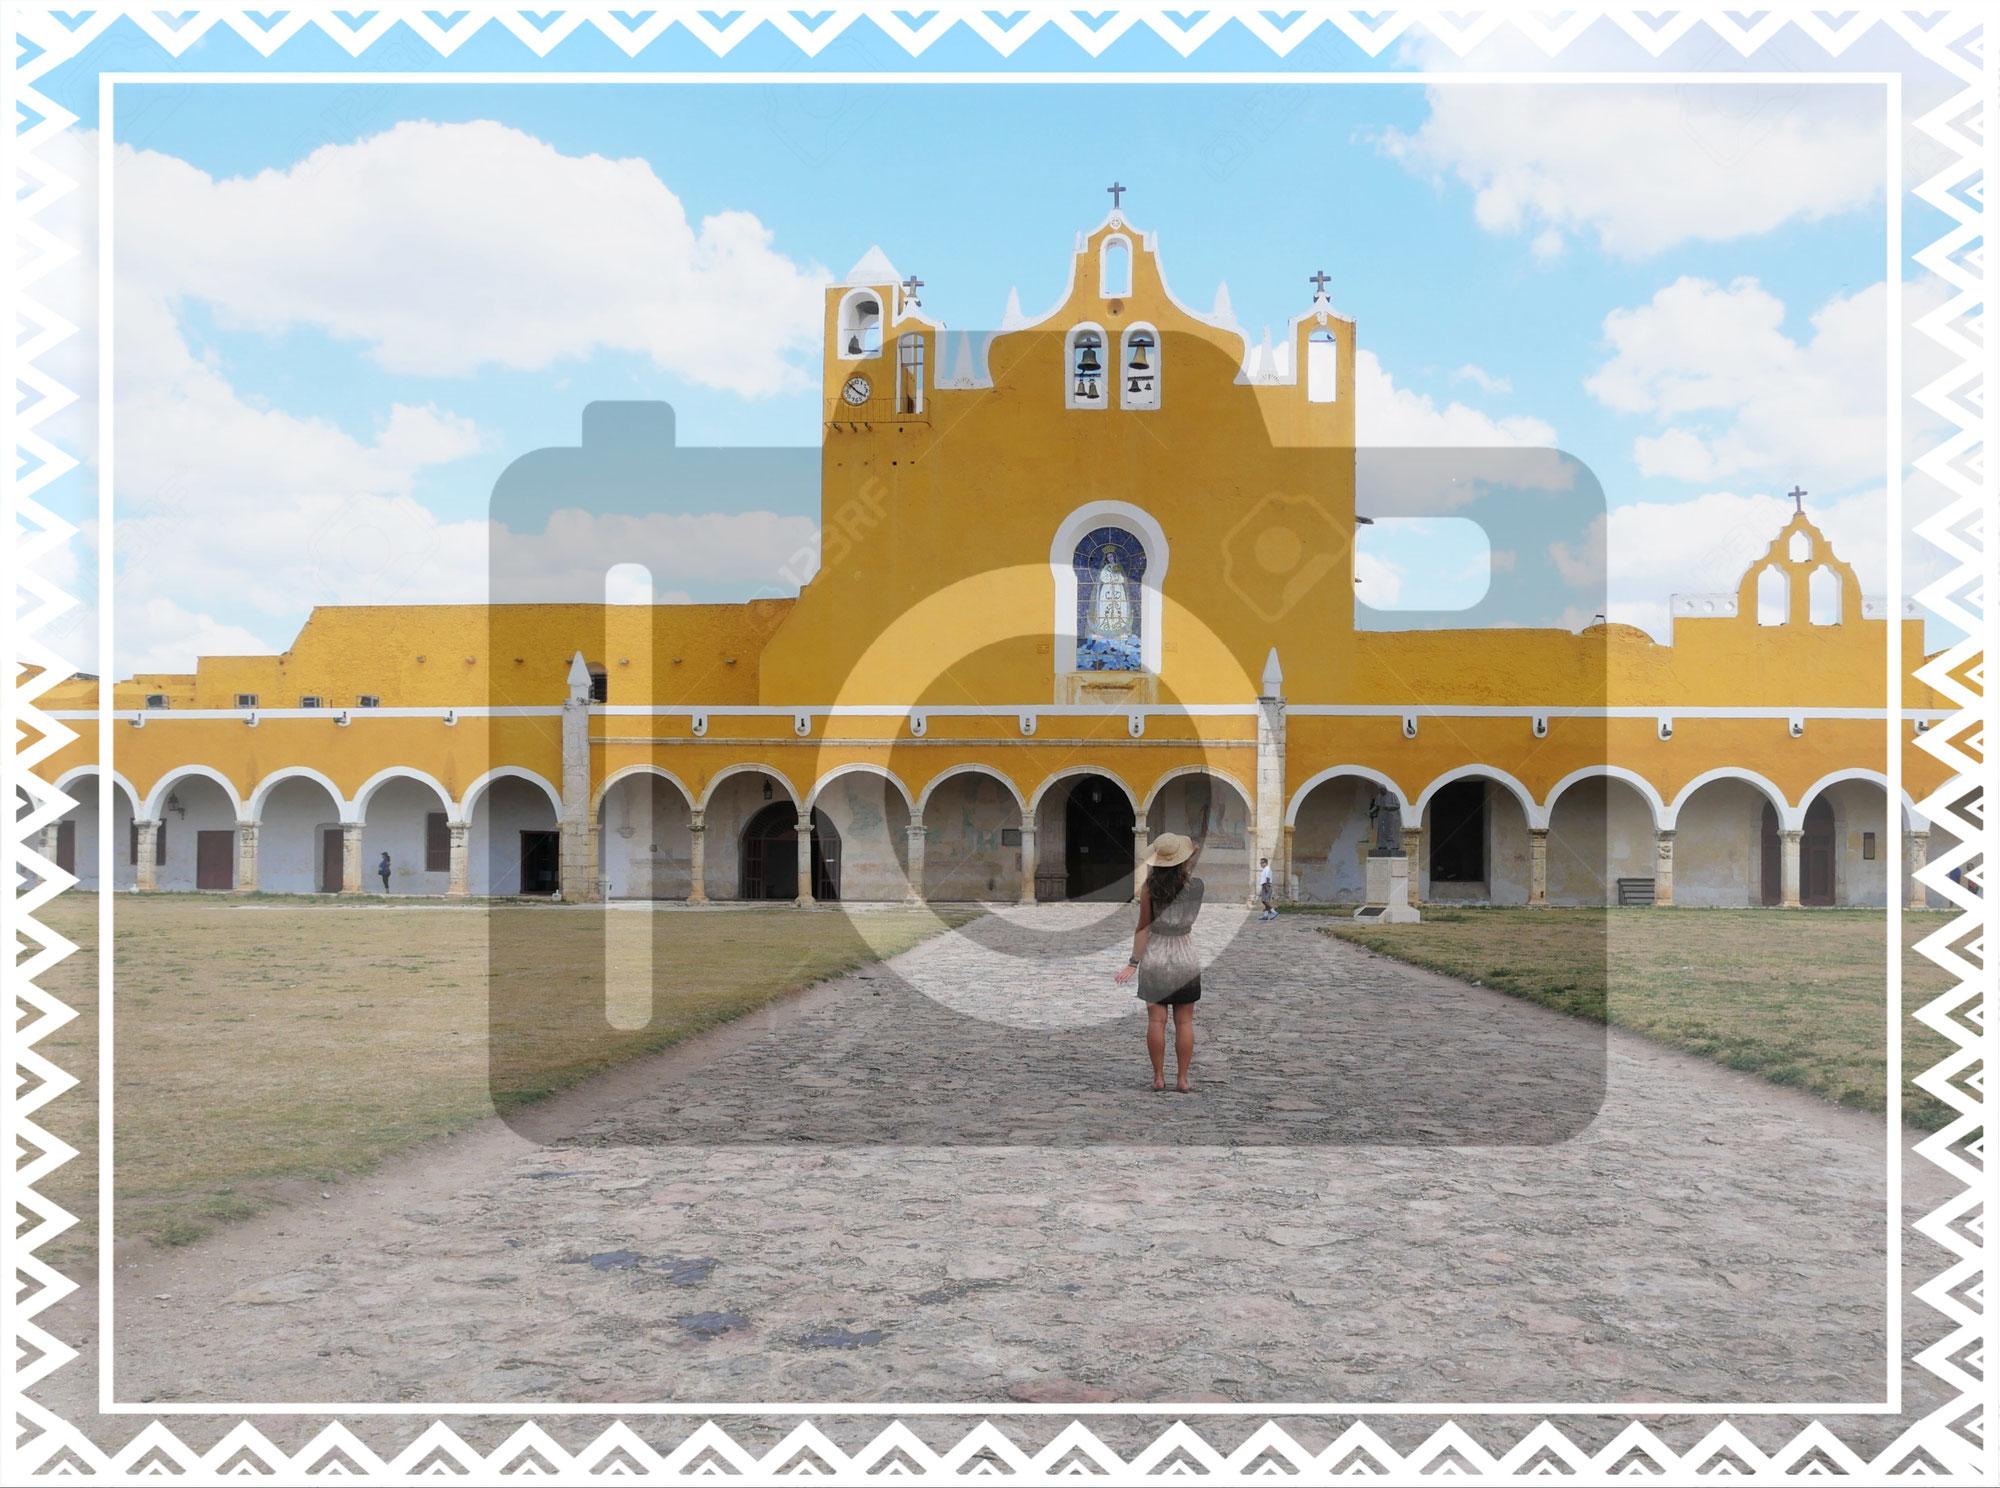 Yucatán, les cités colorées en images